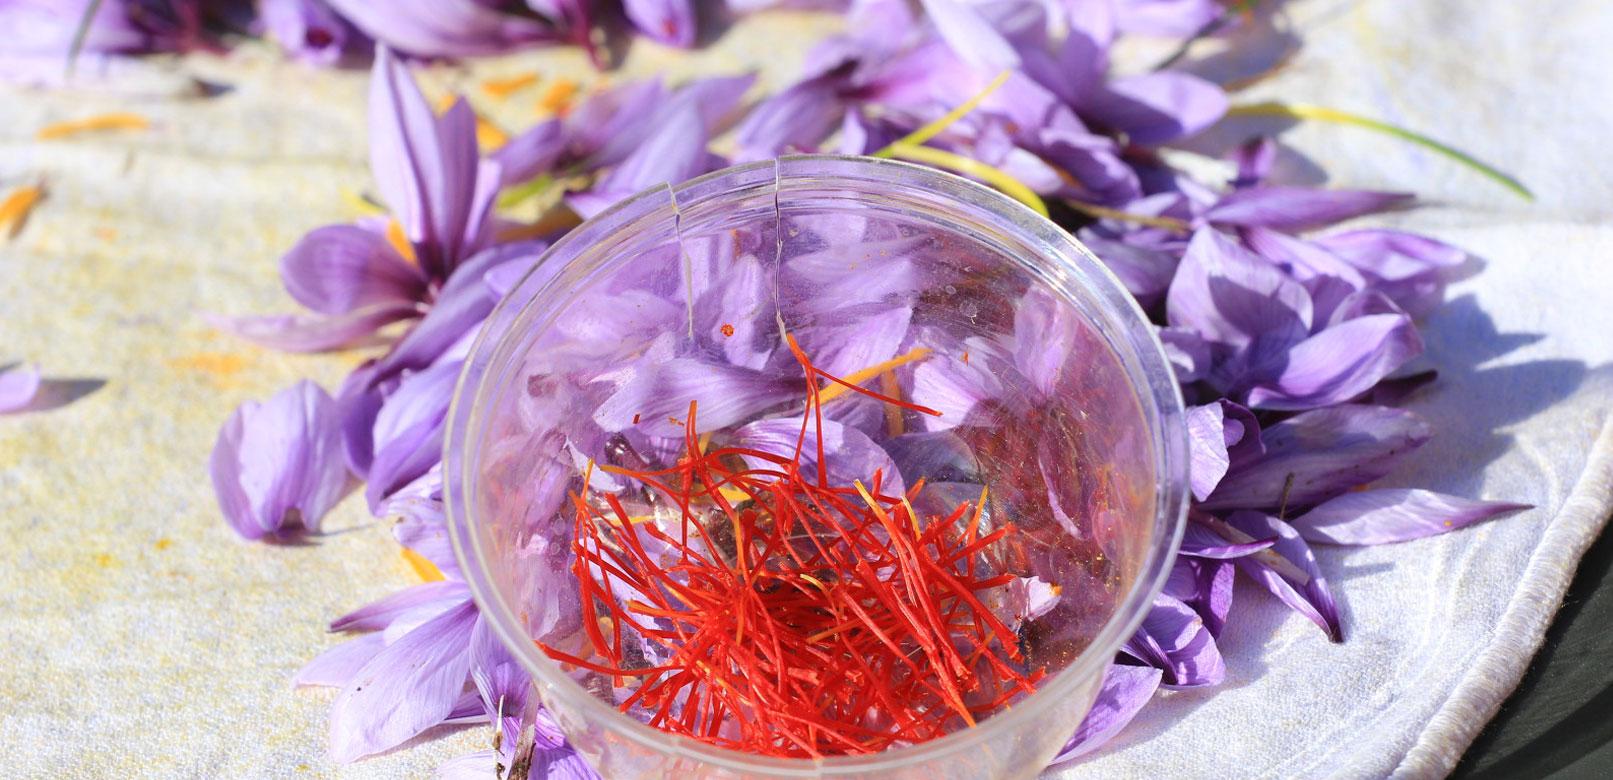 Le safran, une fleur toute en saveur